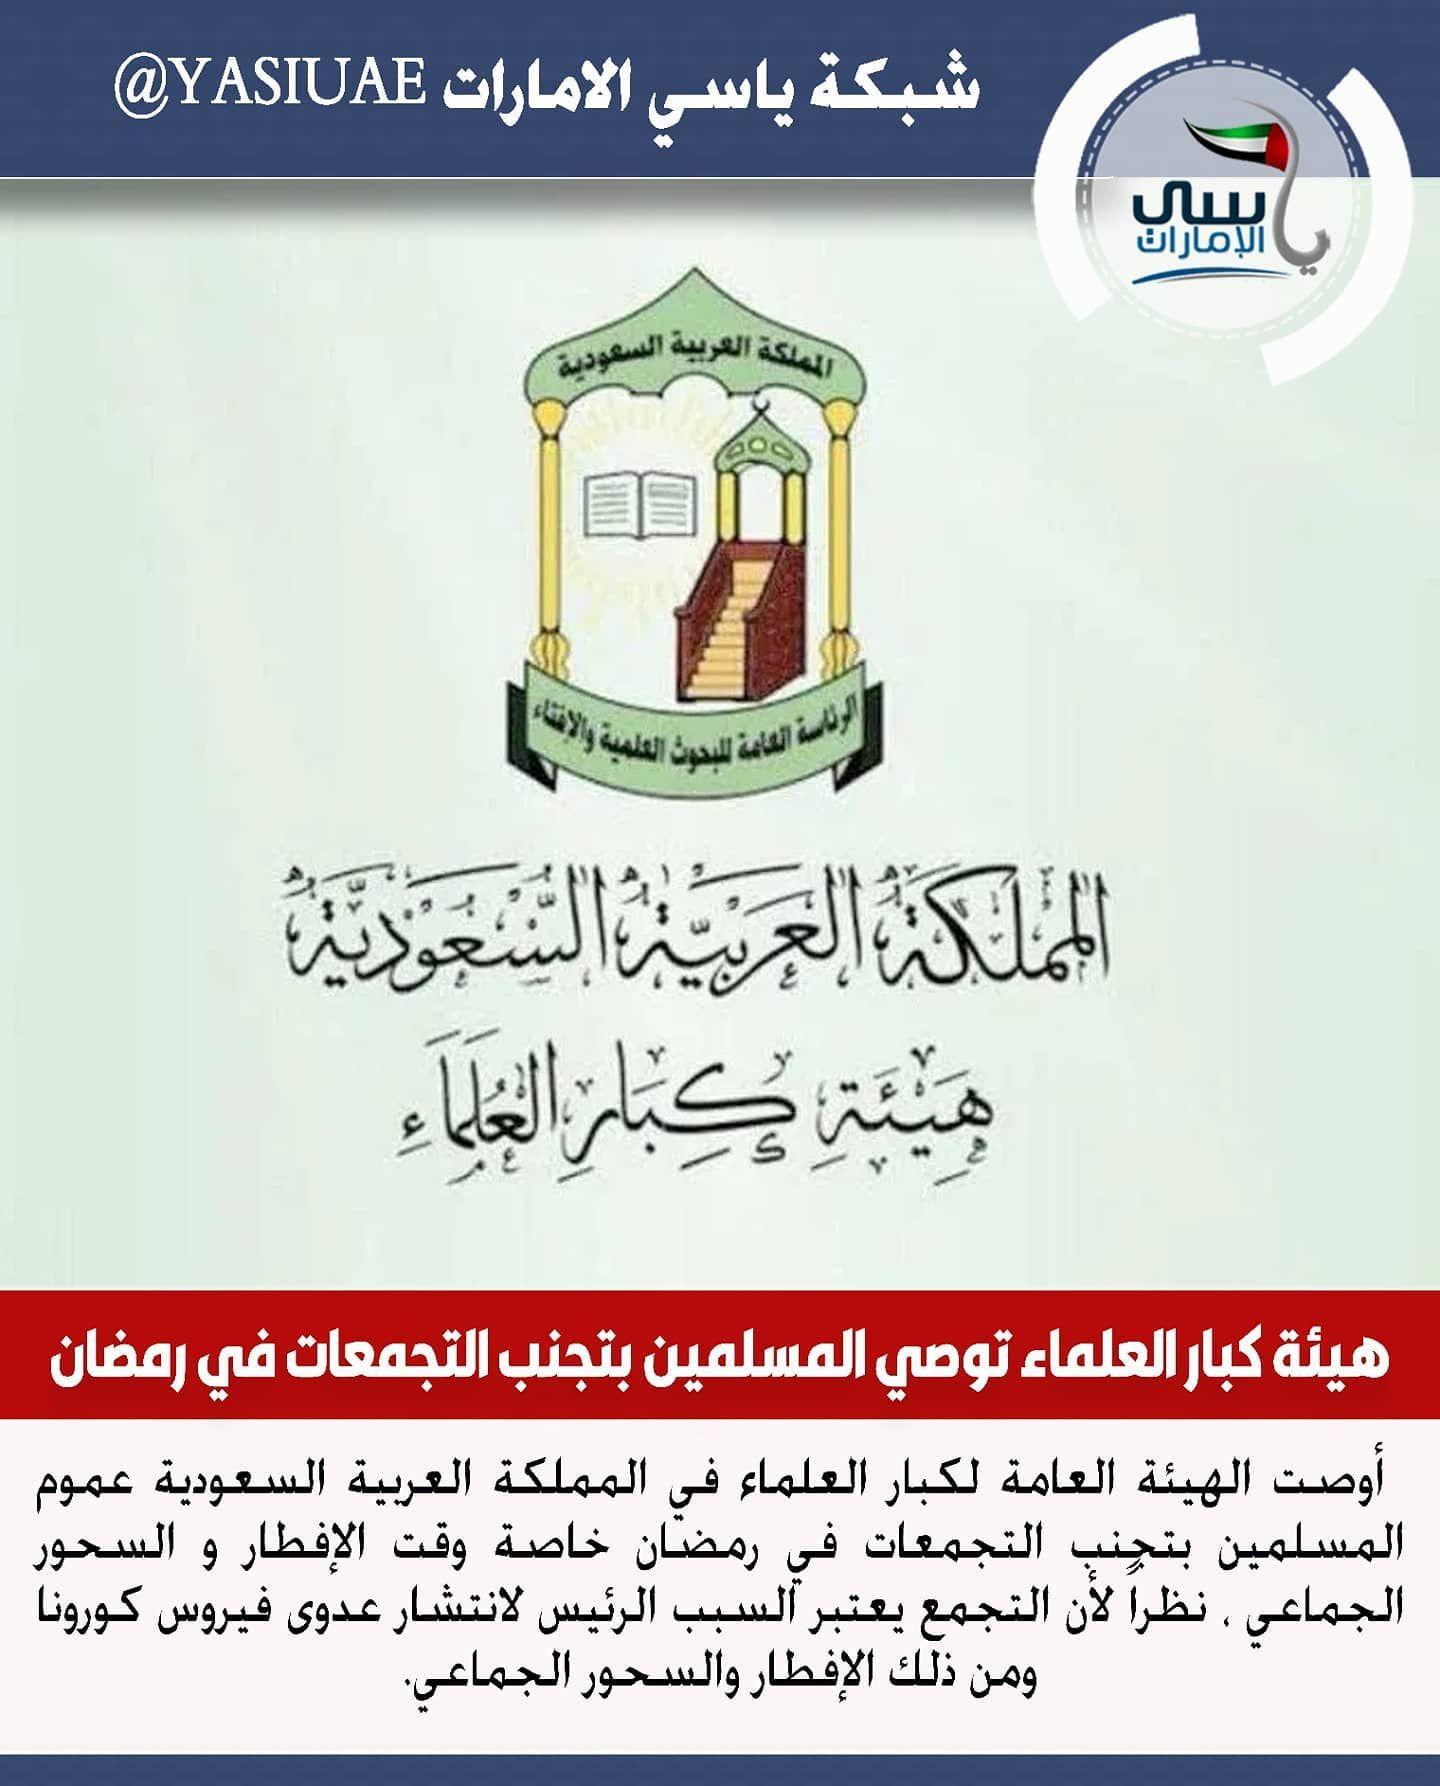 السعودية هيئة كبار العلماء بالسعودية توصي المسلمين بتجنب التجمعات في رمضان Www Yasiuae Net Convenience Store Products Convenience Store Convenience